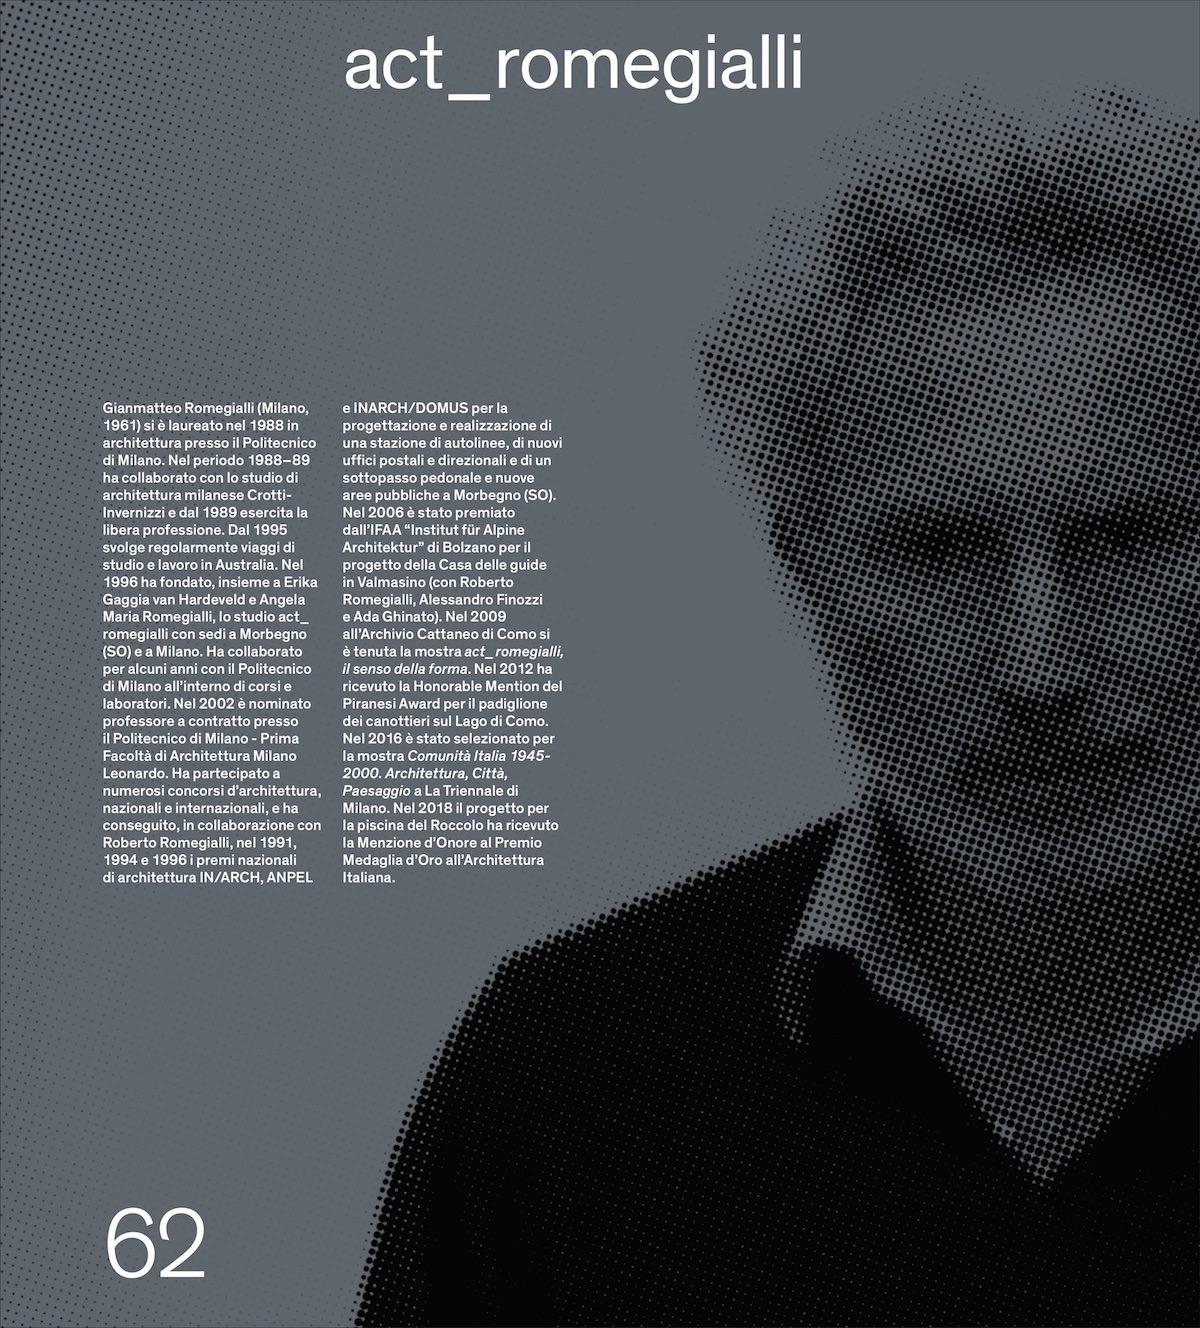 891 ACT_ROMEGIALLI